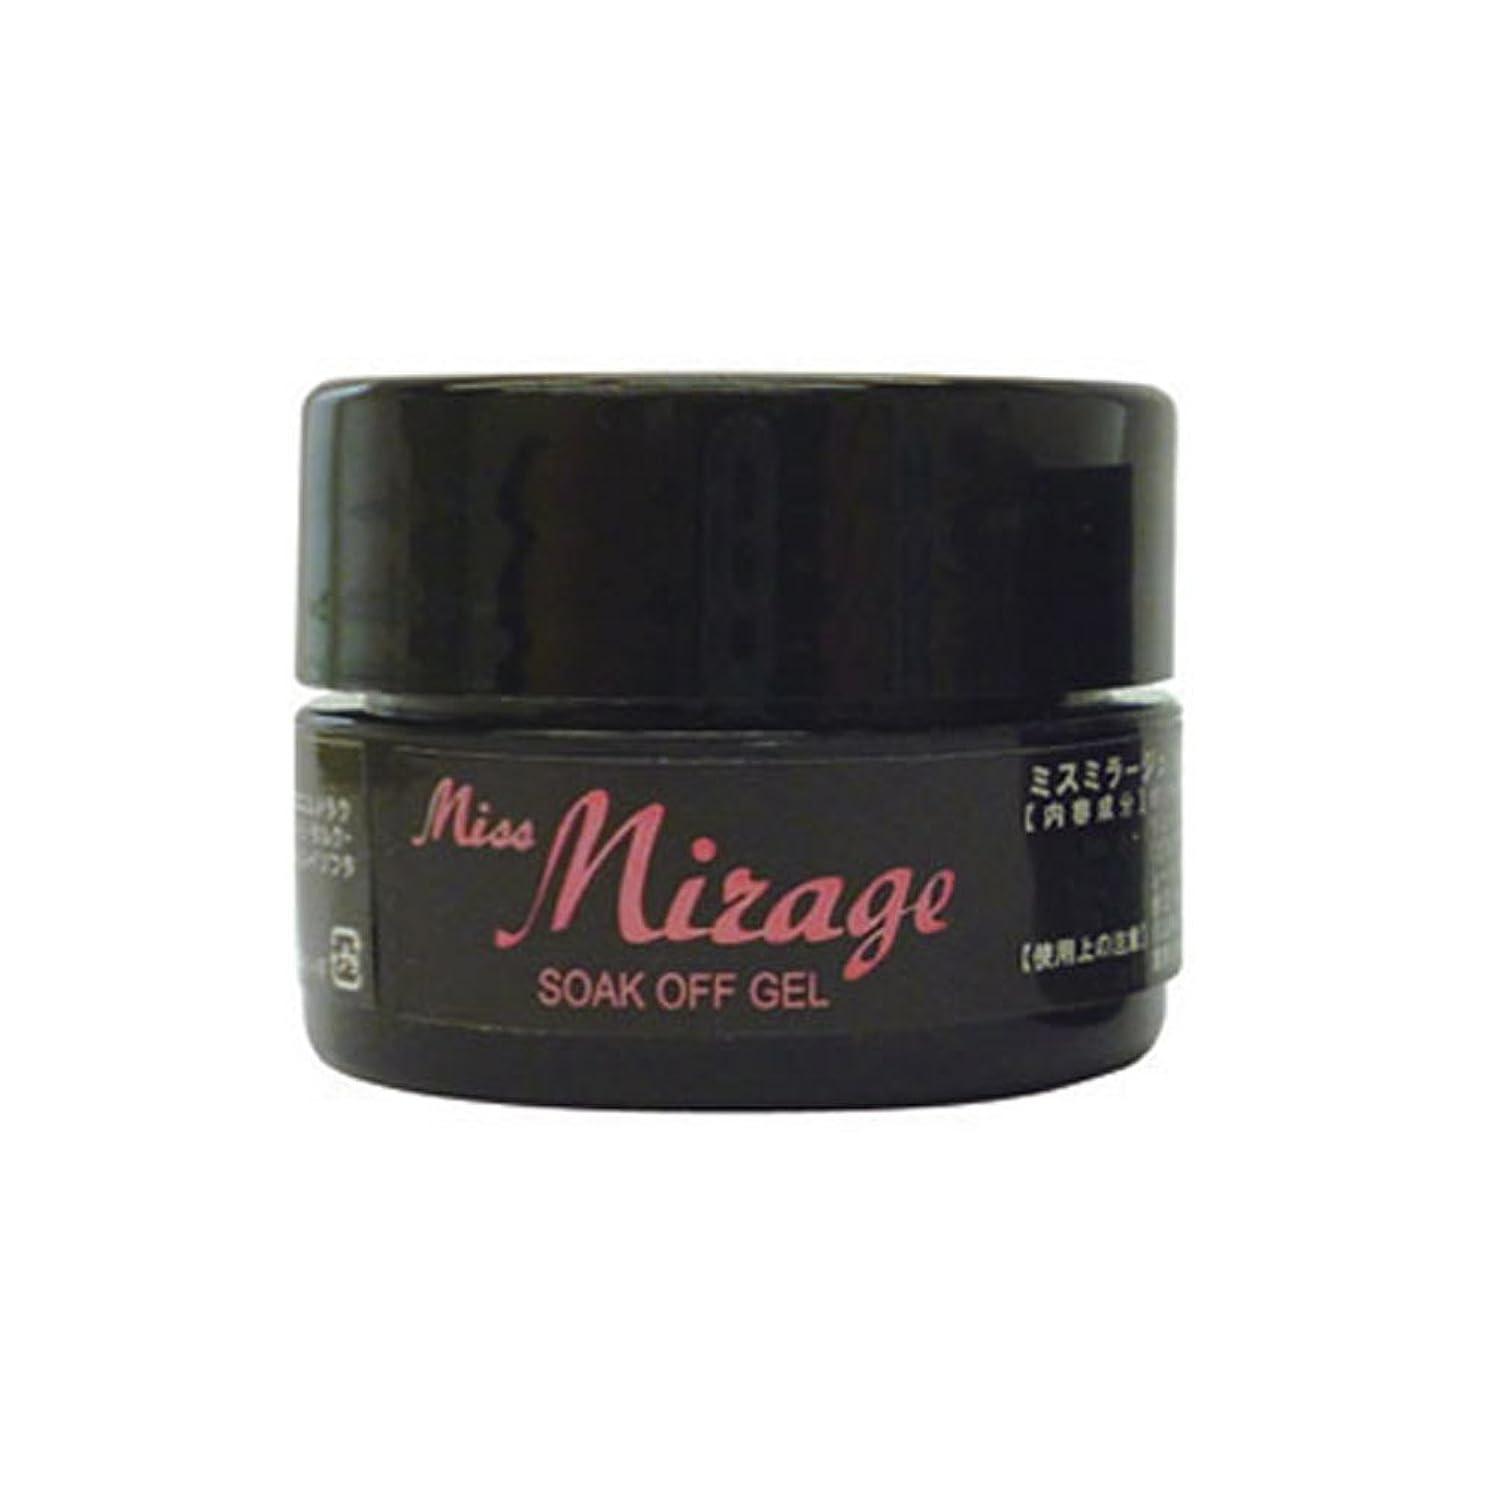 本土リフレッシュ唇Miss Mirage カラージェル NM29S 2.5g ソークオフジェル UV/LED対応